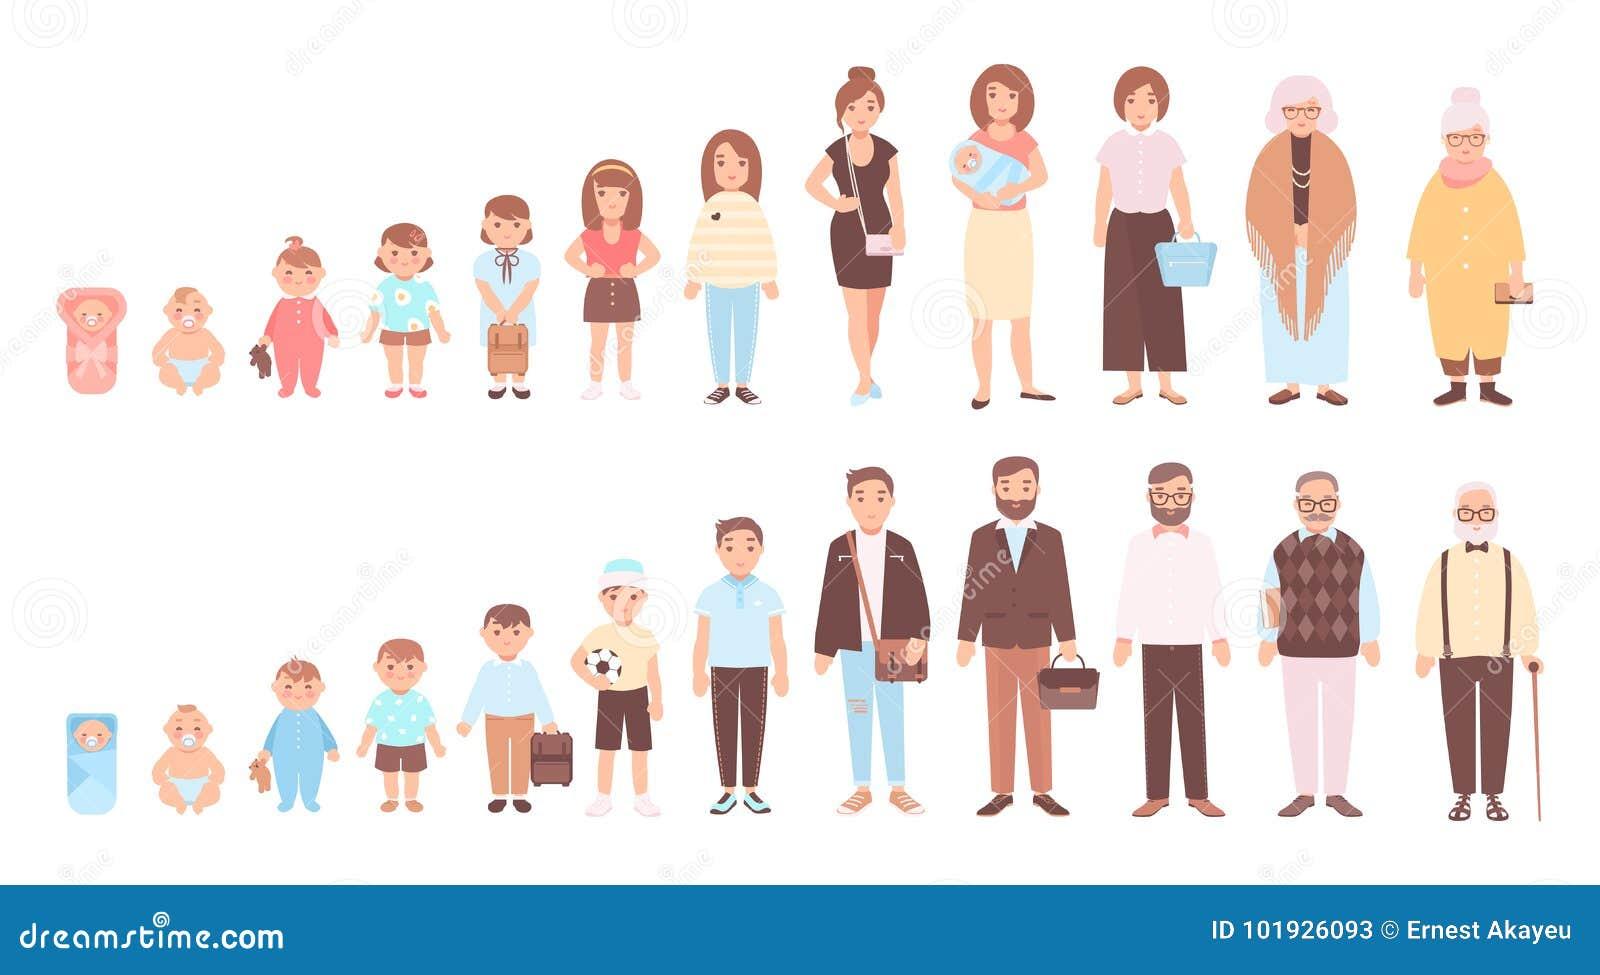 Lebensanschauung Zyklen des Mannes und der Frau Sichtbarmachung von Stadien des Wachstums des menschlichen Körpers, der Entwicklu